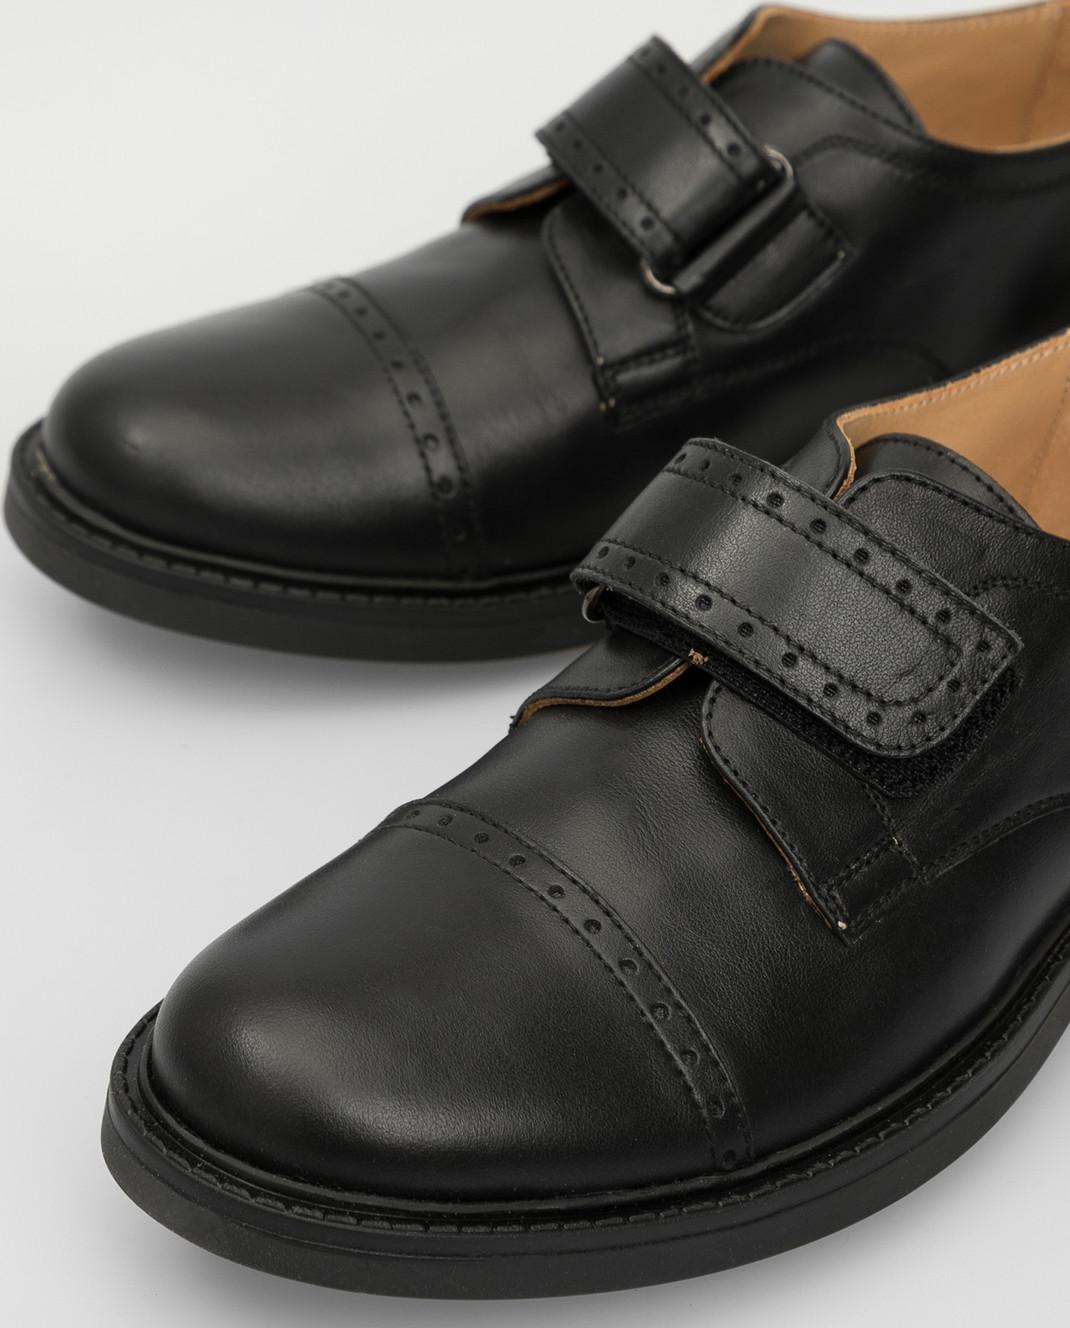 Zecchino D'oro Детские черные кожаные дерби M1575023640 изображение 4